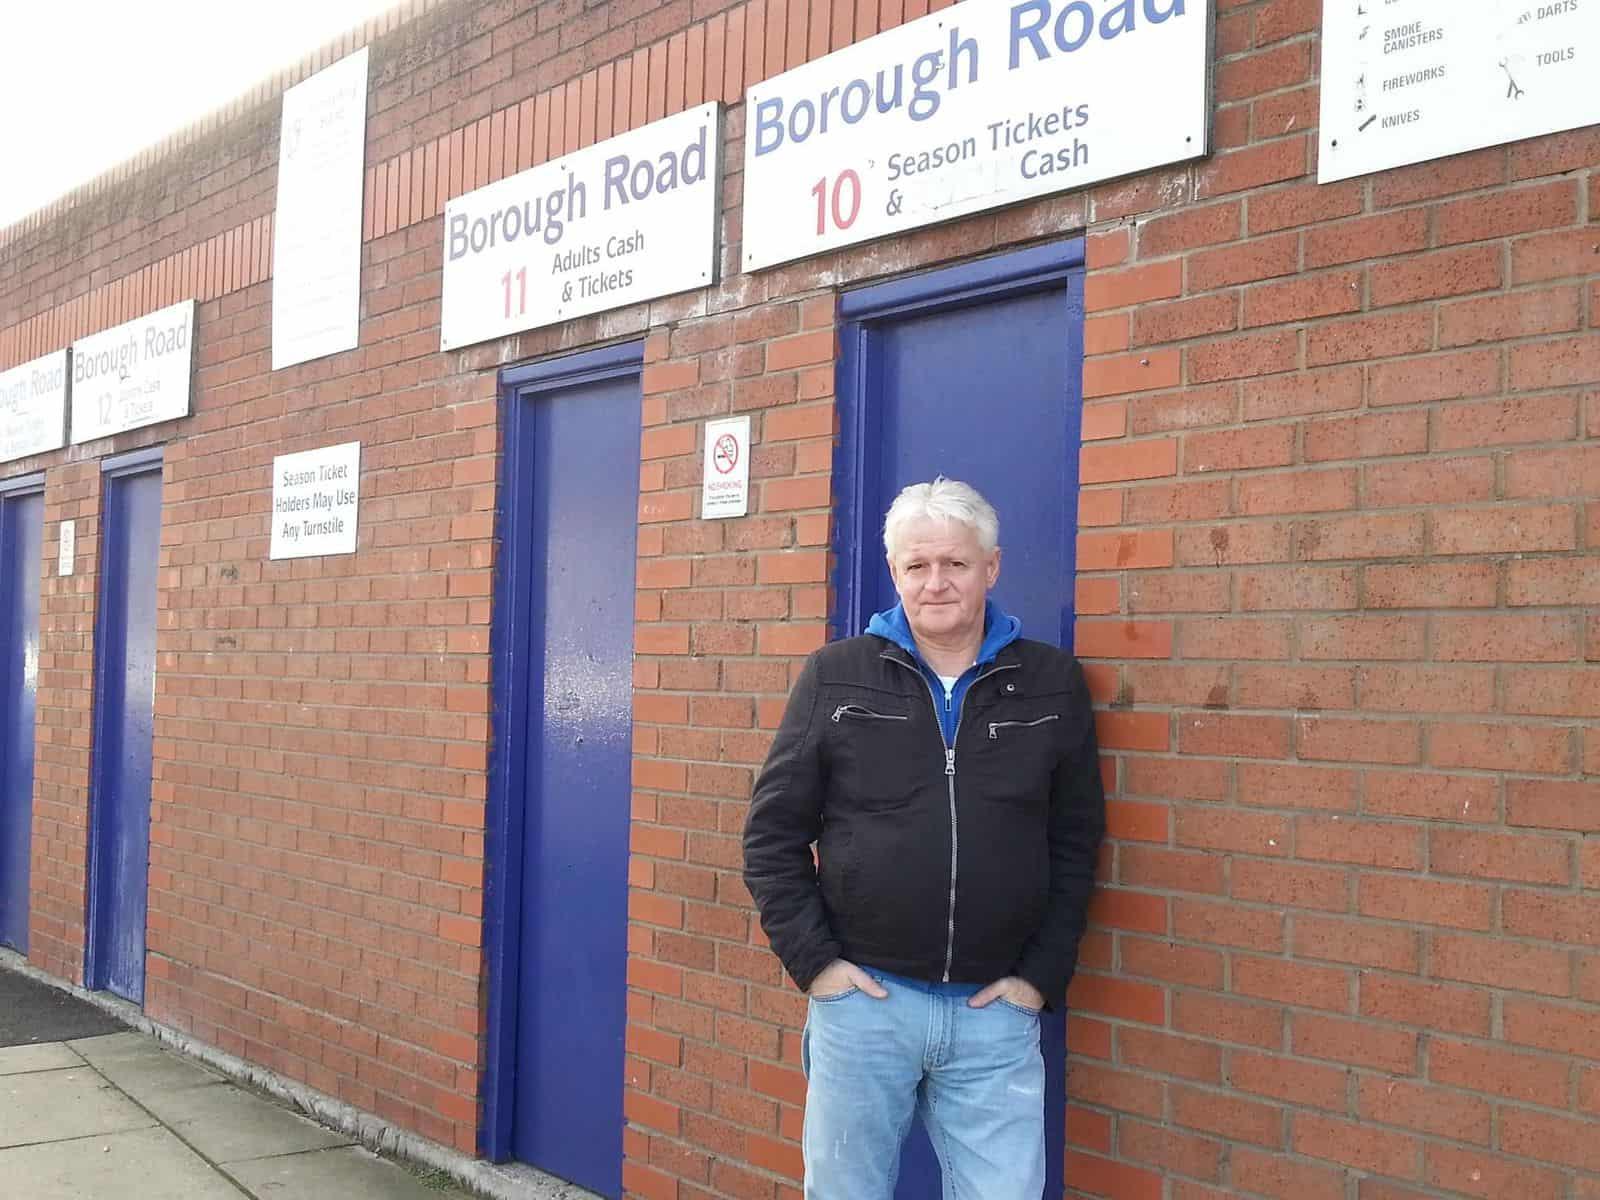 Der Hildener in seinem Element - auf einem englischen Football Ground